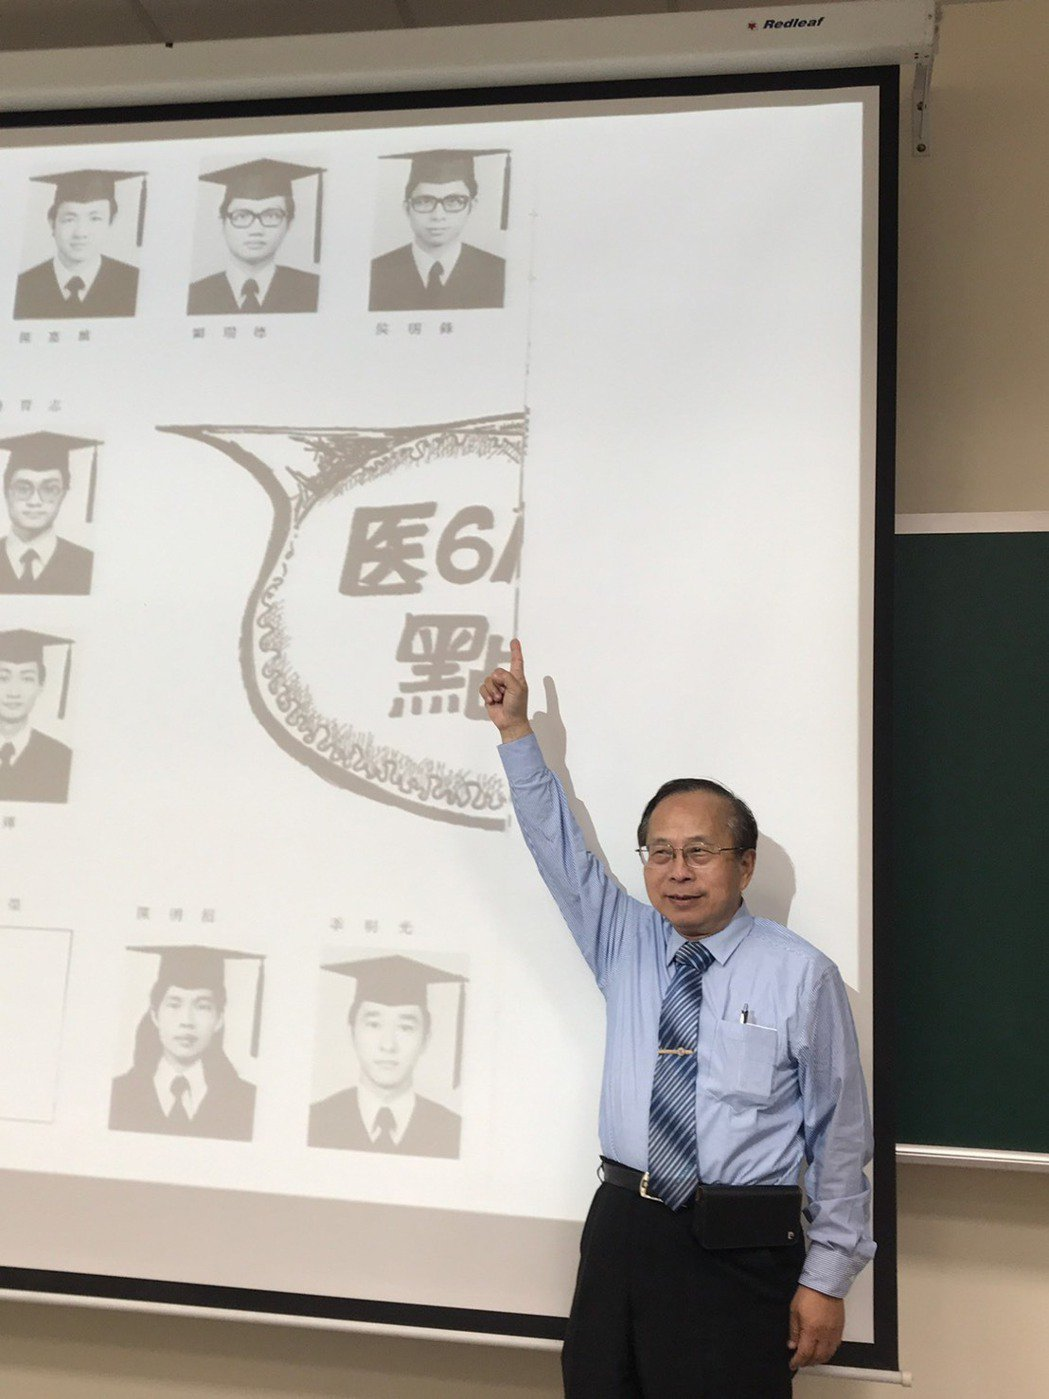 高醫附院院長侯明鋒與25歲的自己合影。圖/高雄醫學大學提供